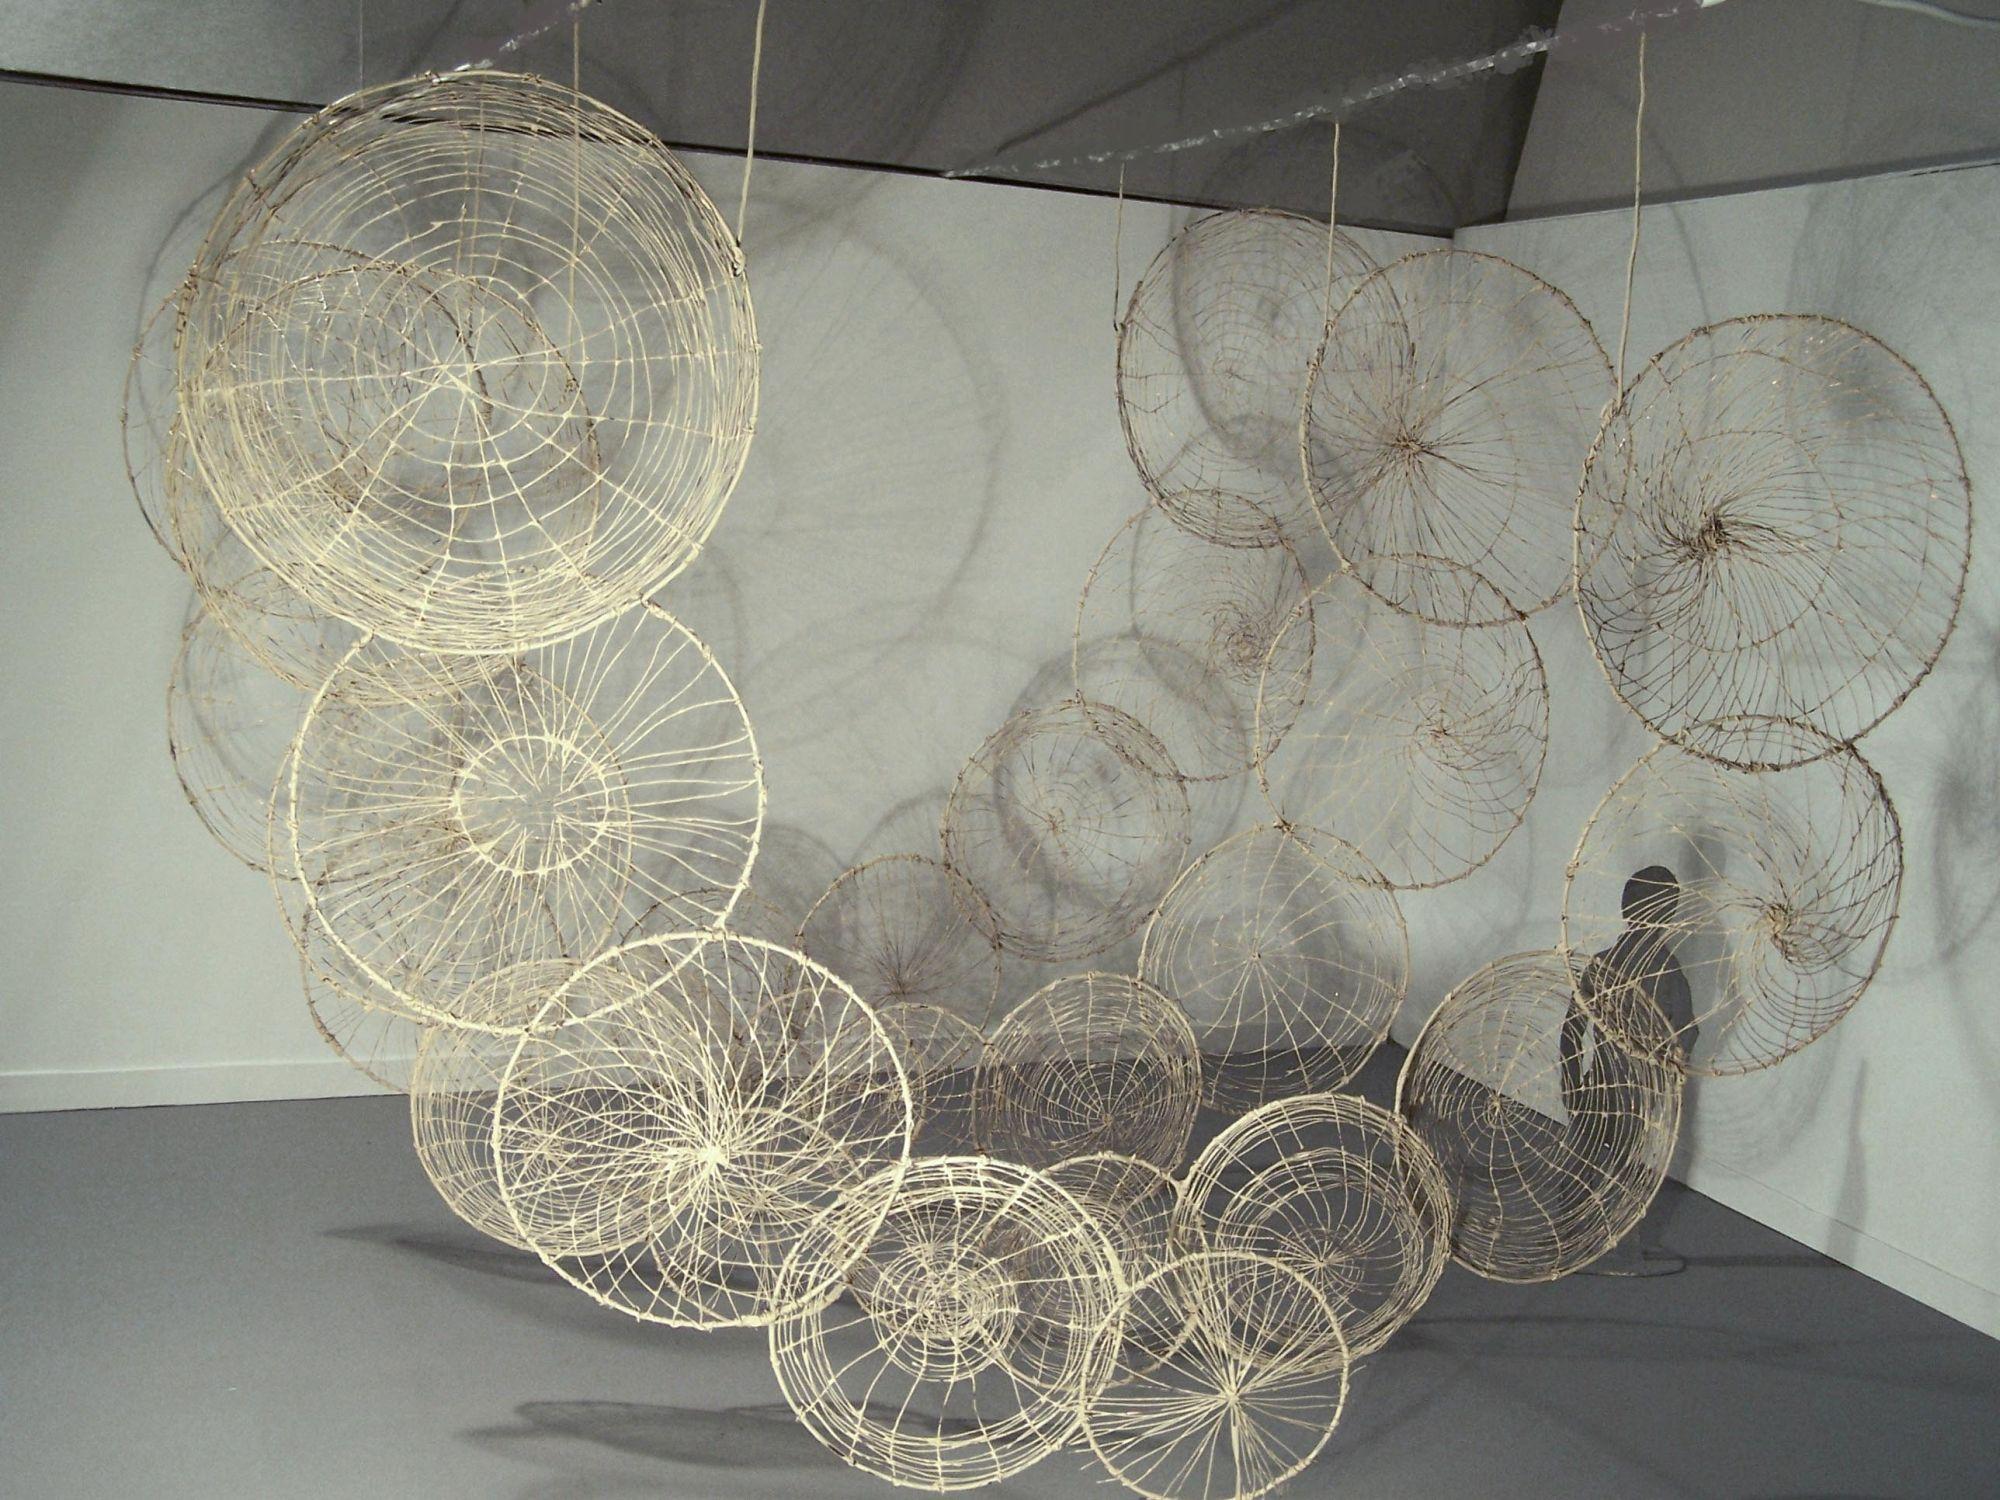 """""""Ogrody"""", Mirosław Maszlanko, """"Membrany"""", 2015, obiekt przestrzenny: kręgi drewniane, trawa, wosk, wizualizacja pracy na wystawie (źródło: materiały prasowe)"""